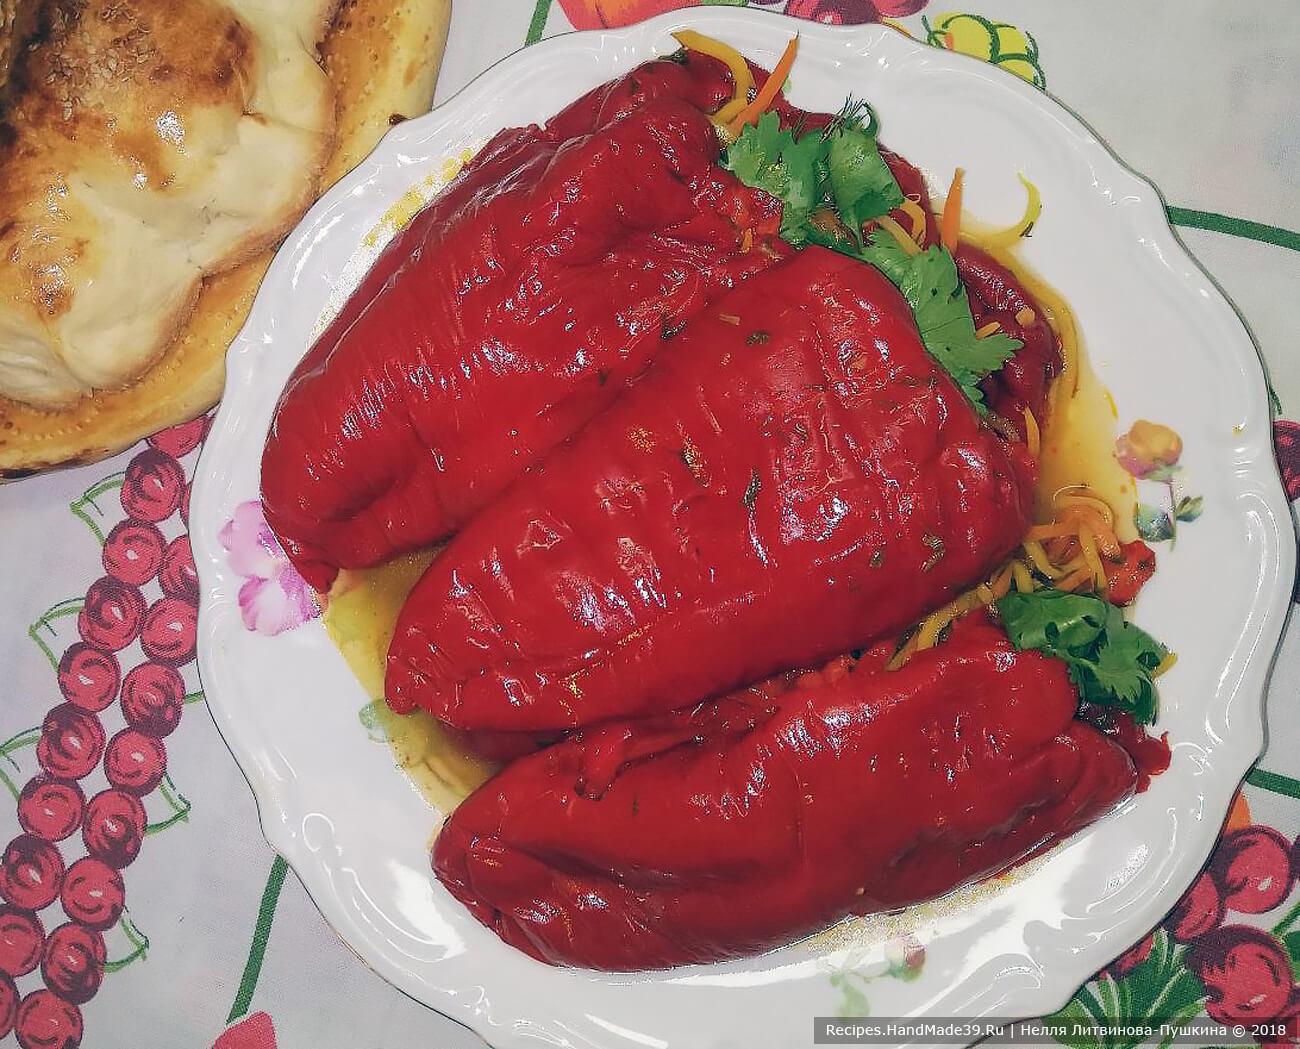 Начинить перцы, сложить в кастрюлю, залить рассолом, положить небольшой гнёт, поместить в холодильник. Через 3-4 дня можно есть. Любителям острого можно добавить горького перца. Приятного аппетита!